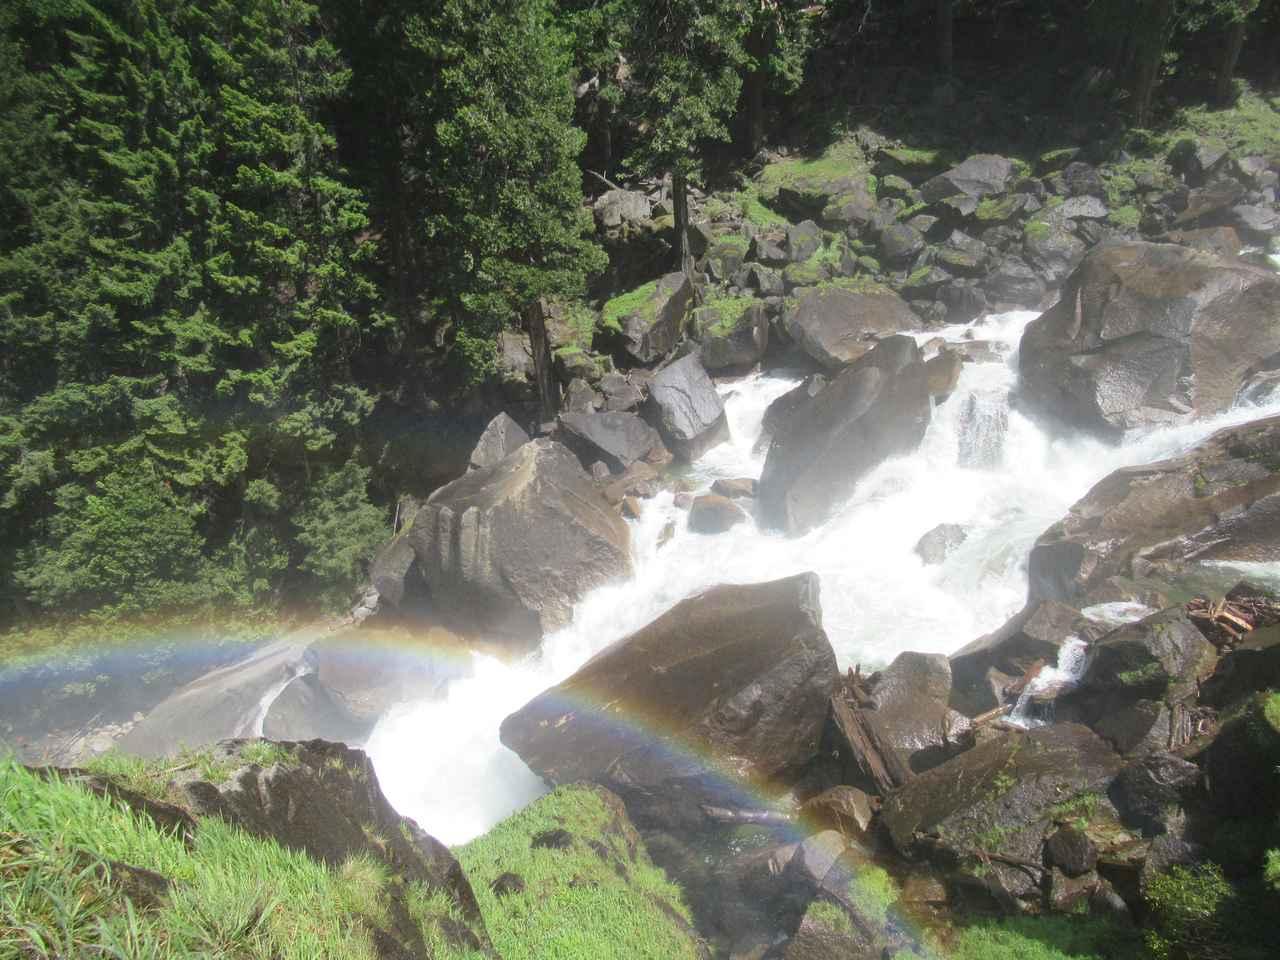 画像: ハイキング中の風景―水しぶきが気持ちい!虹もきれいでした!